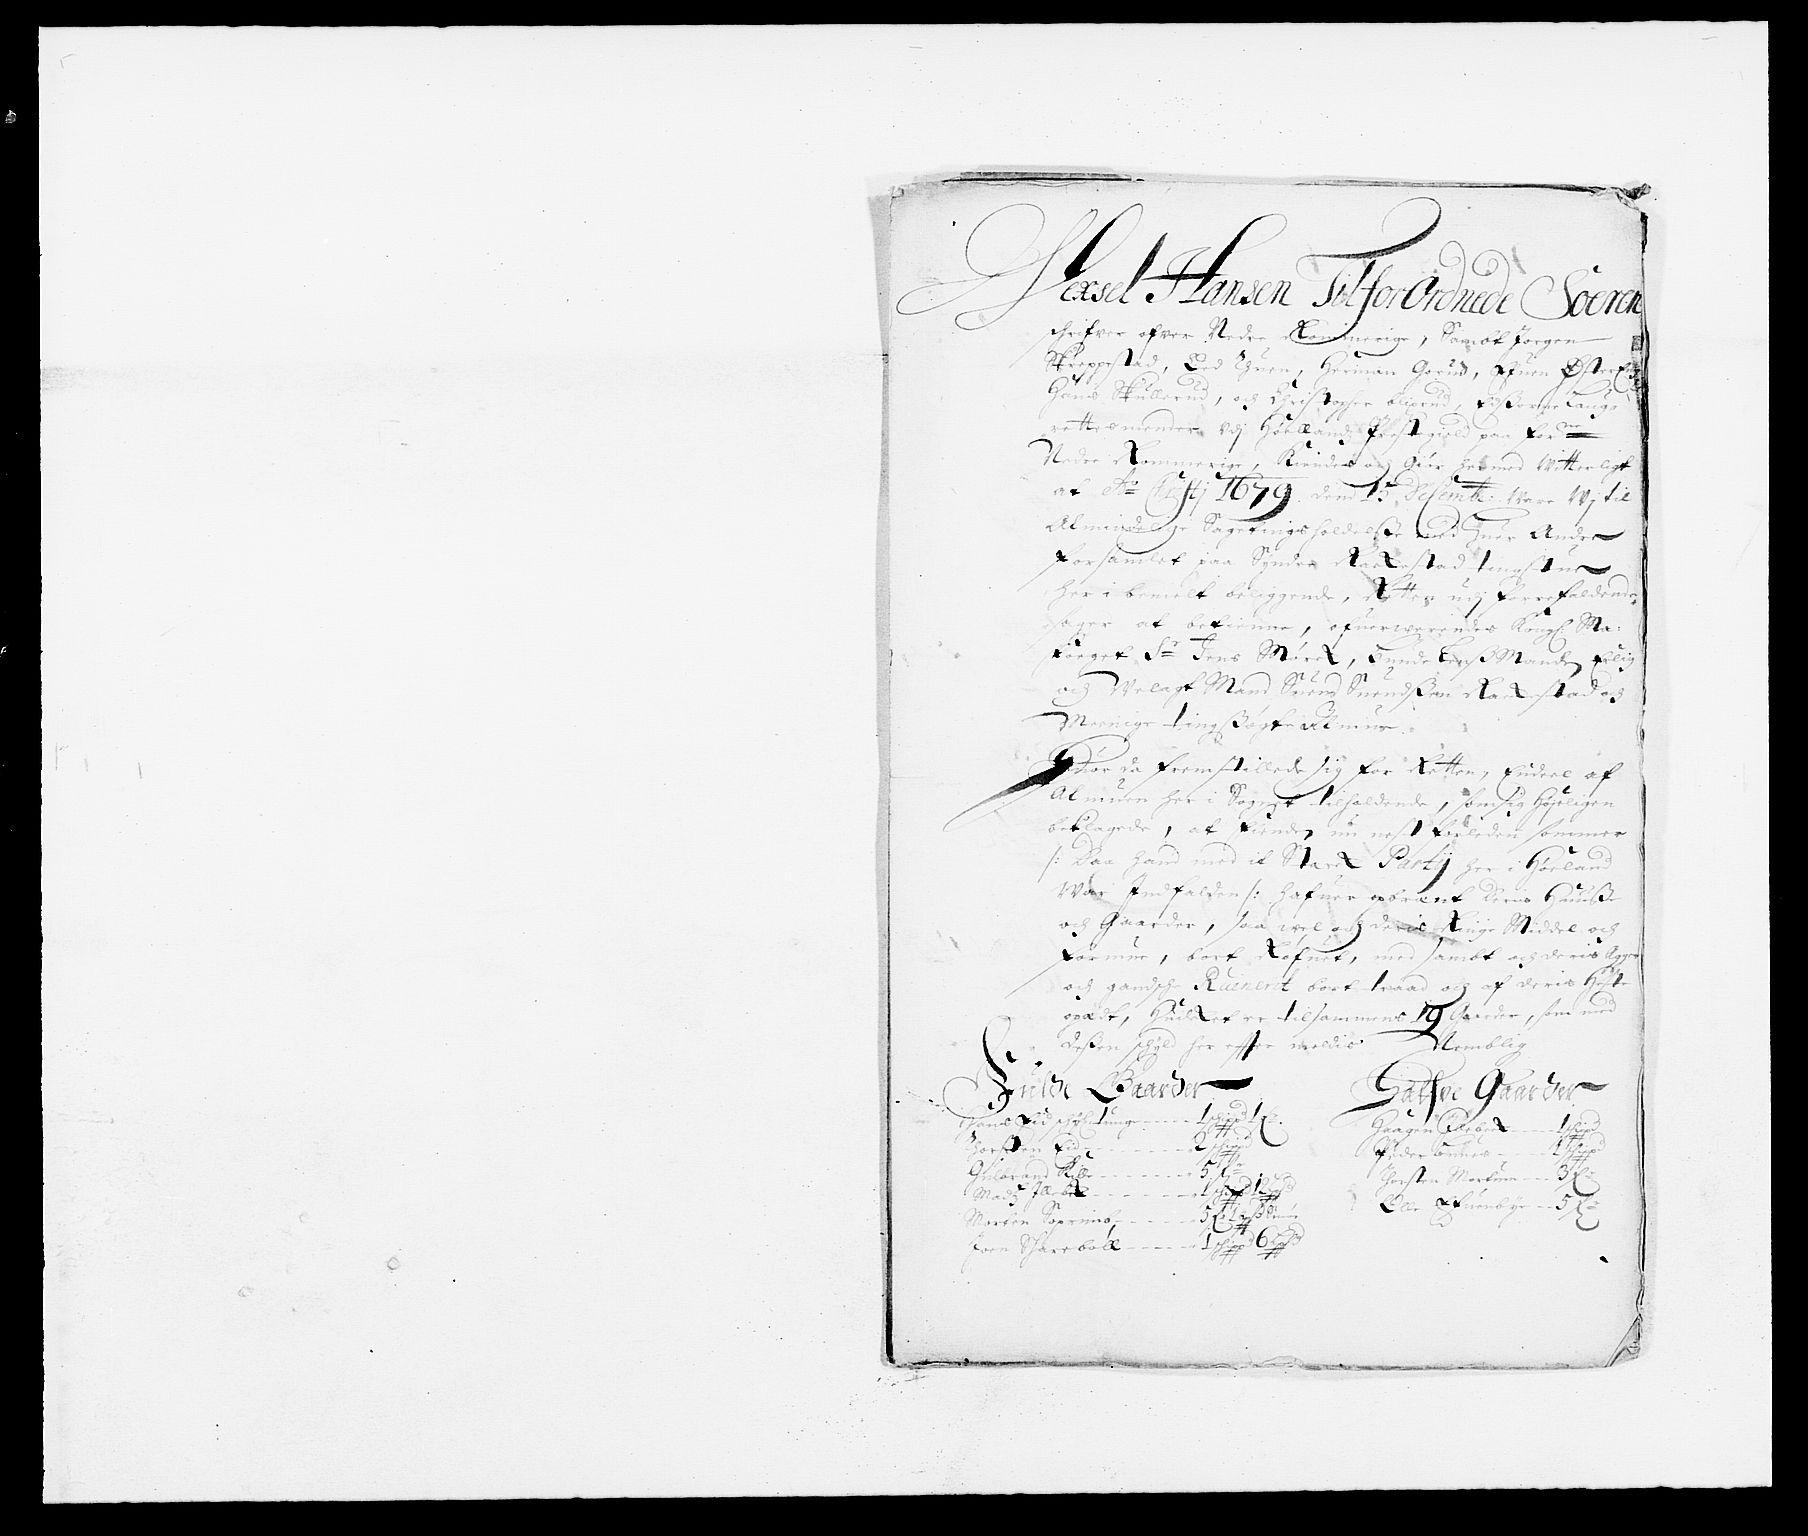 RA, Rentekammeret inntil 1814, Reviderte regnskaper, Fogderegnskap, R11/L0570: Fogderegnskap Nedre Romerike, 1682, s. 314